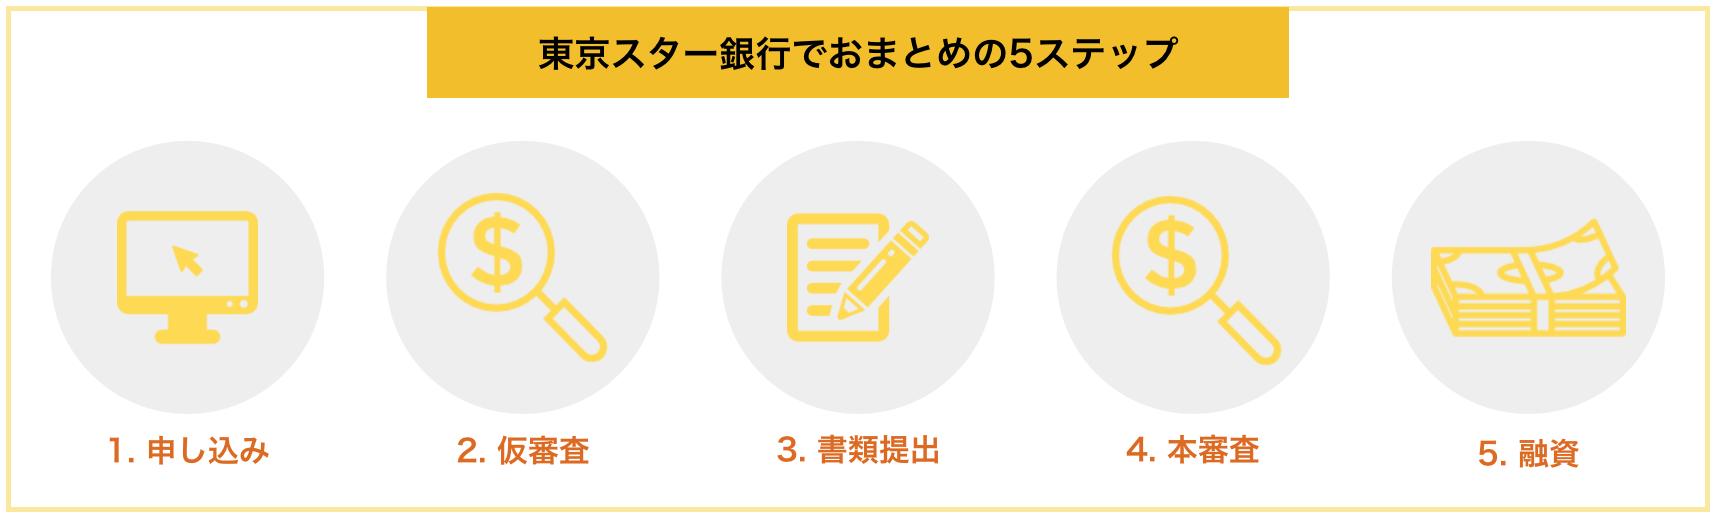 東京スター銀行でおまとめの5つのステップ